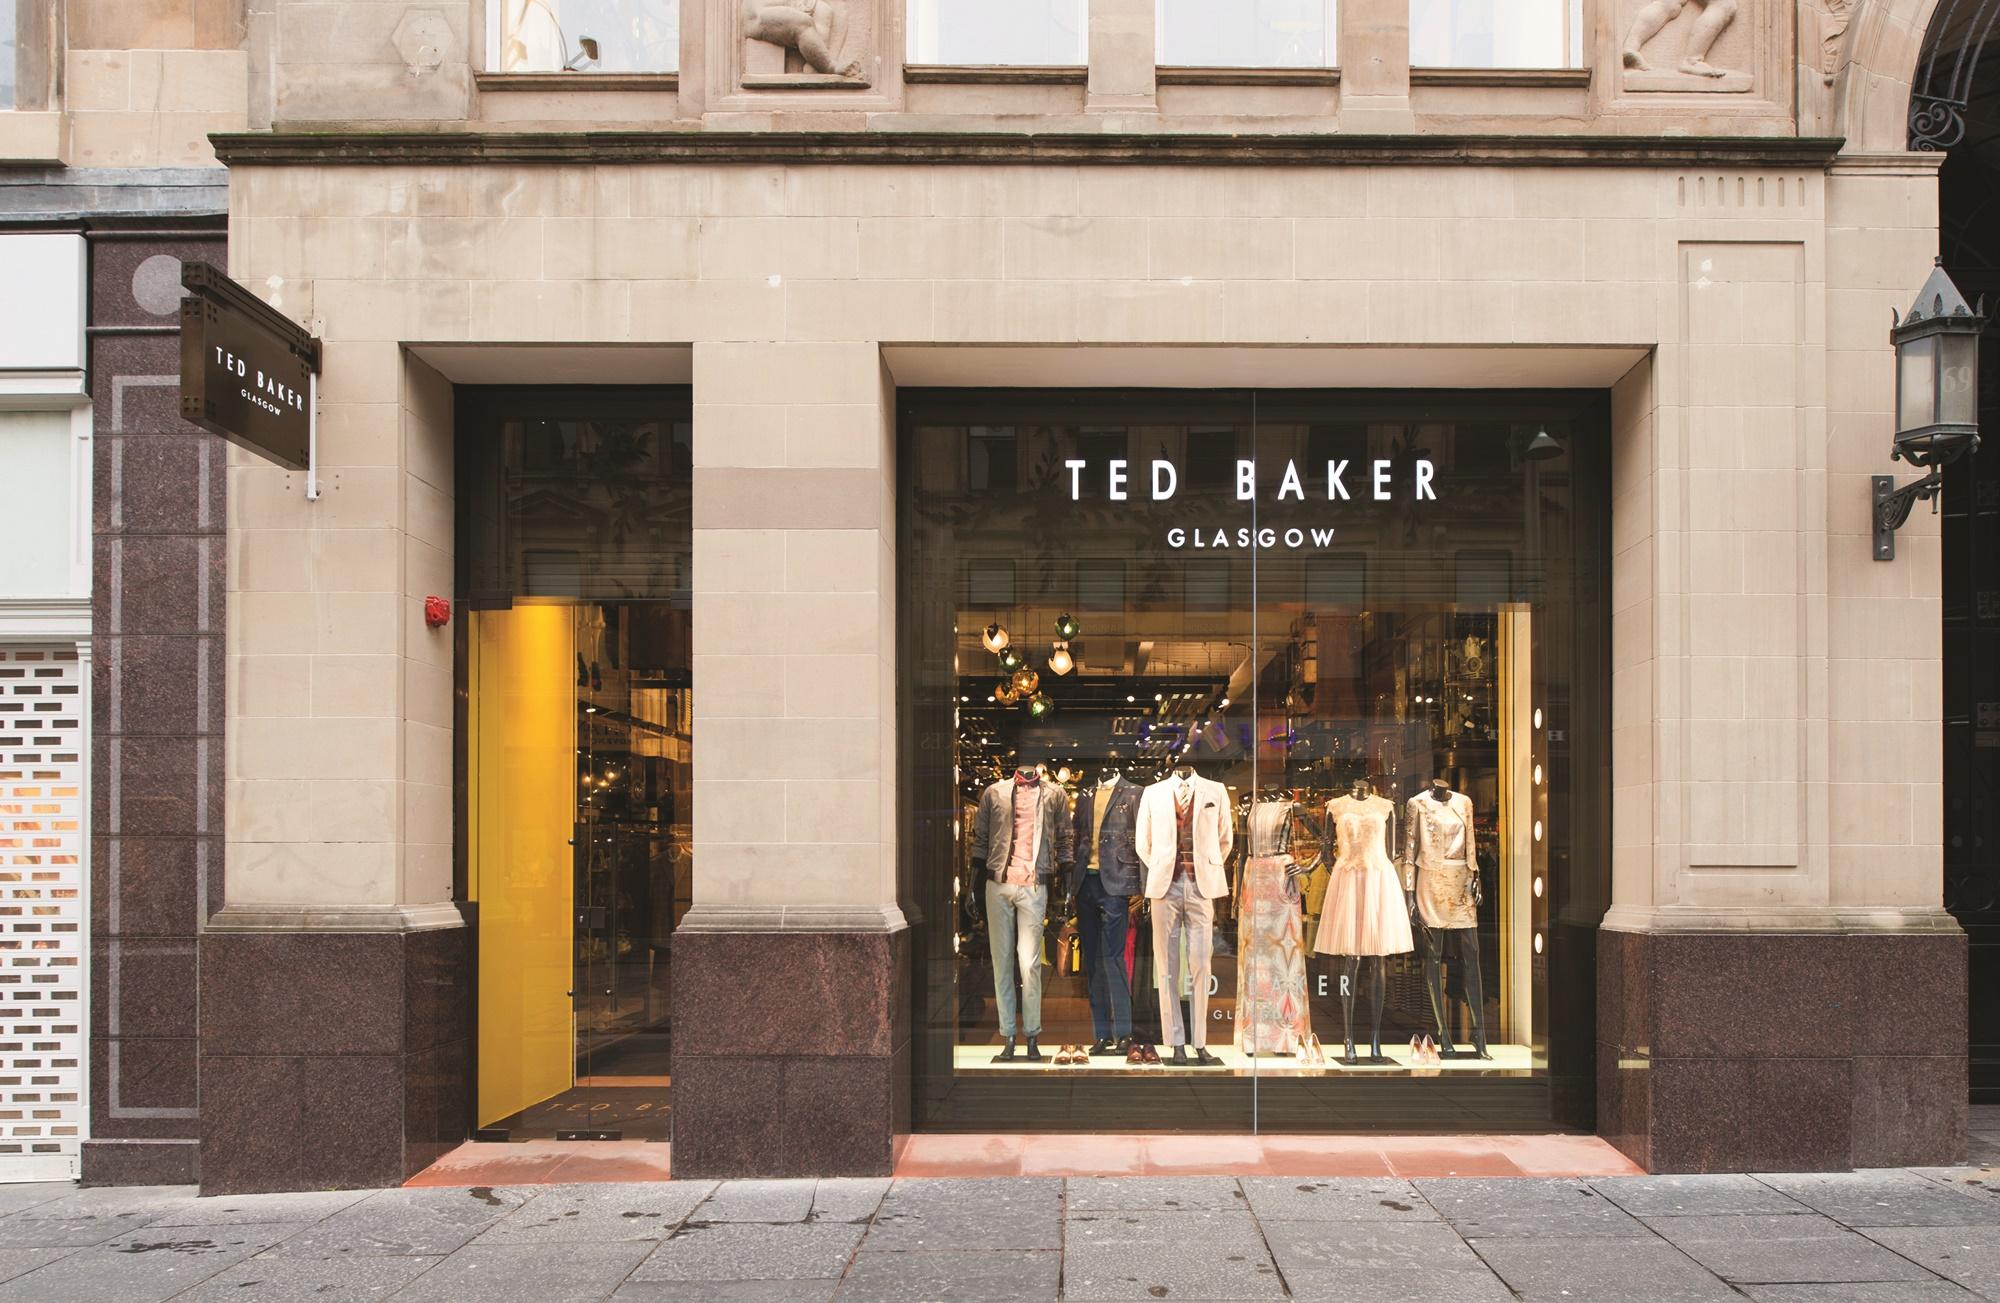 1347508_Ted_Baker_Glasgow_14